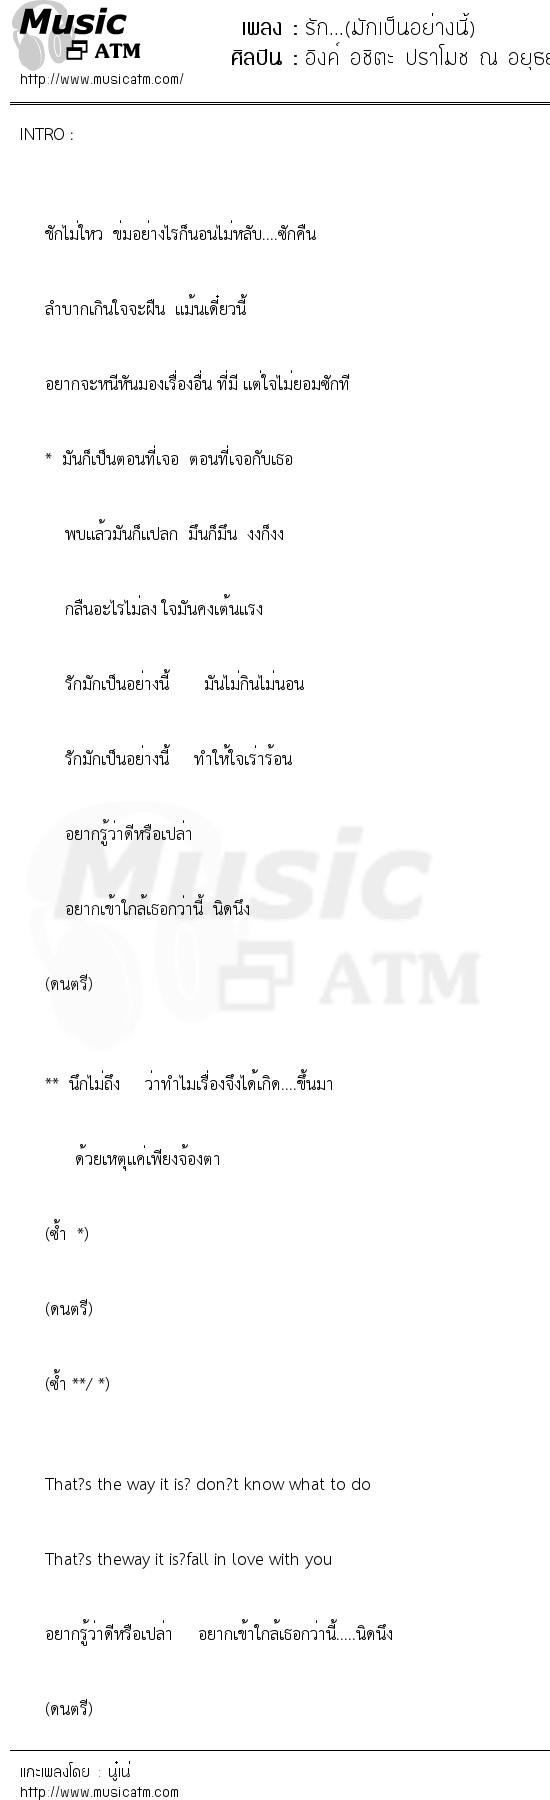 รัก...(มักเป็นอย่างนี้) | เพลงไทย